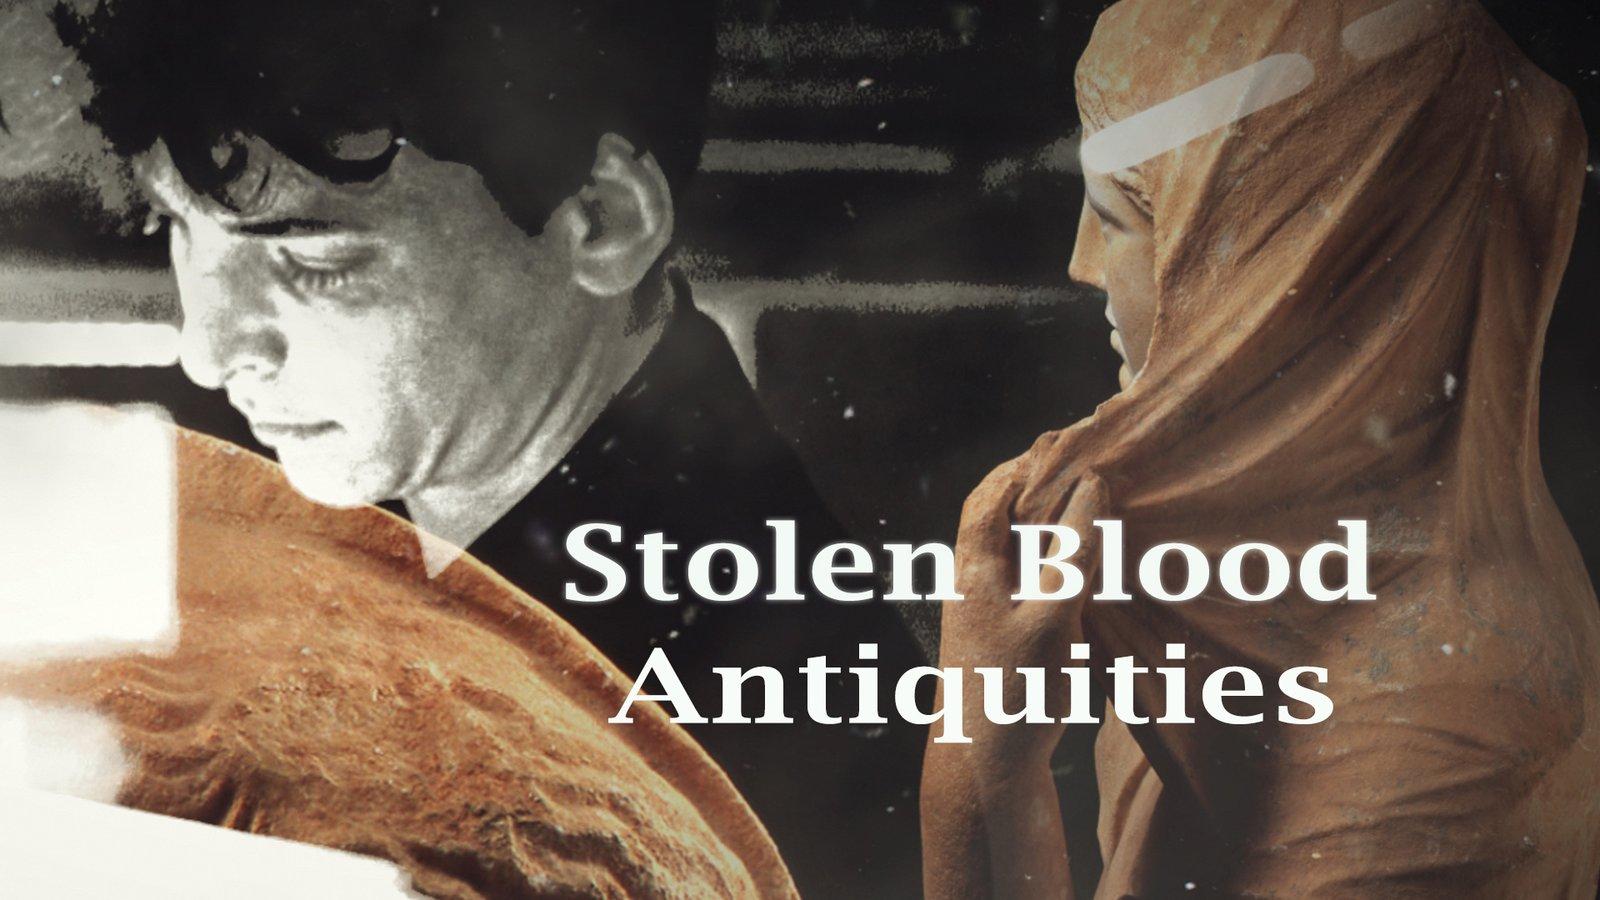 Stolen Blood Antiquities